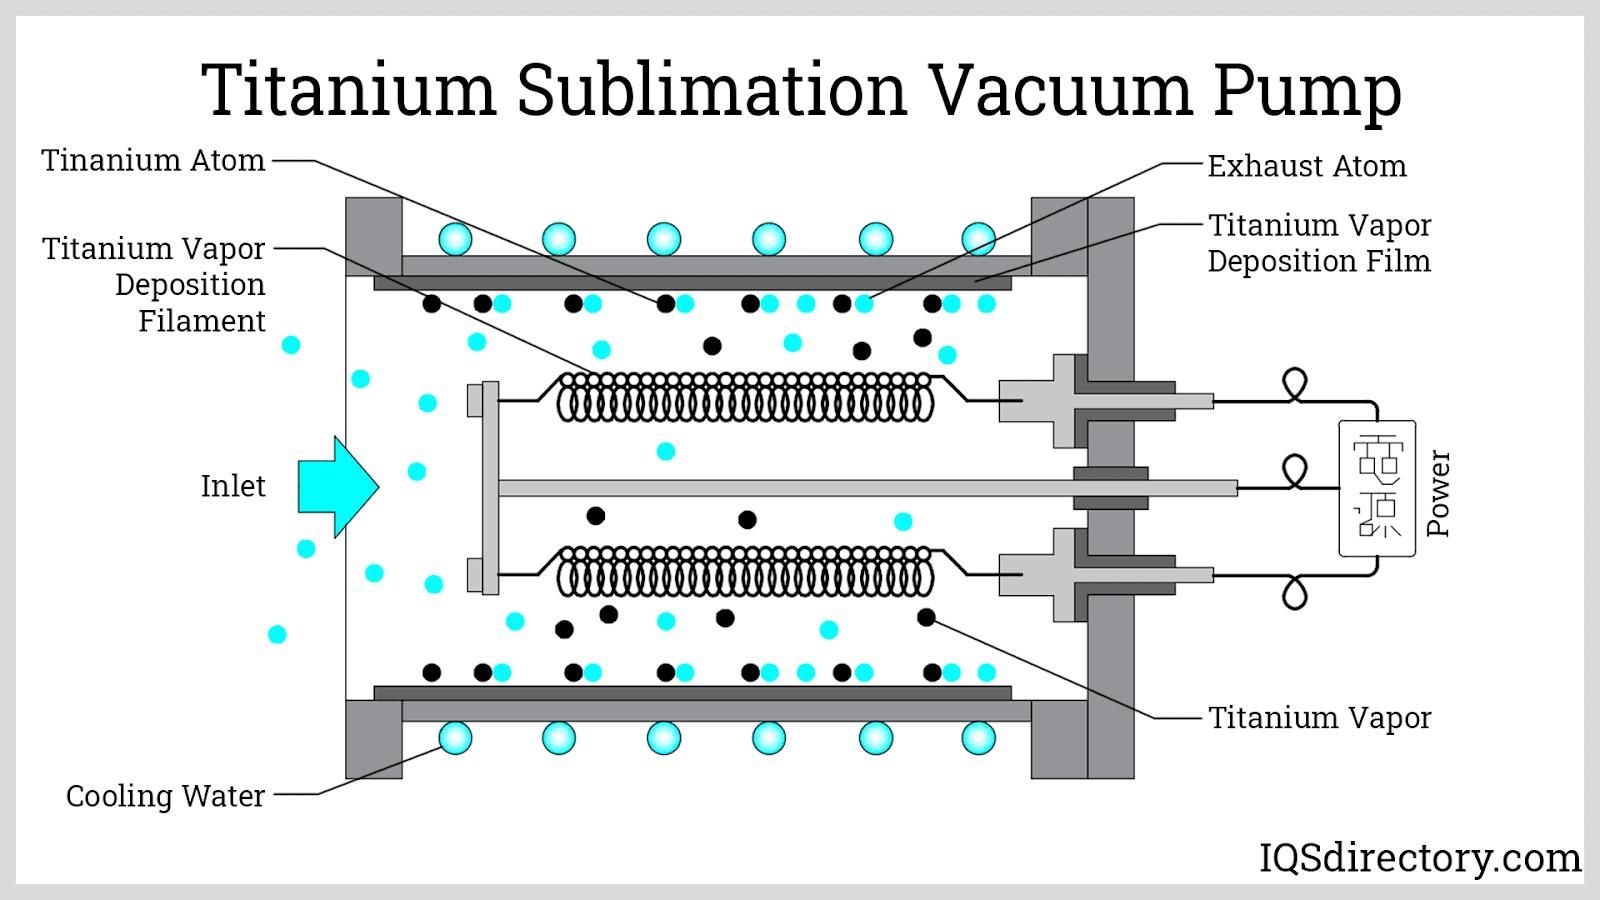 Titanium Sublimation Vacuum Pump